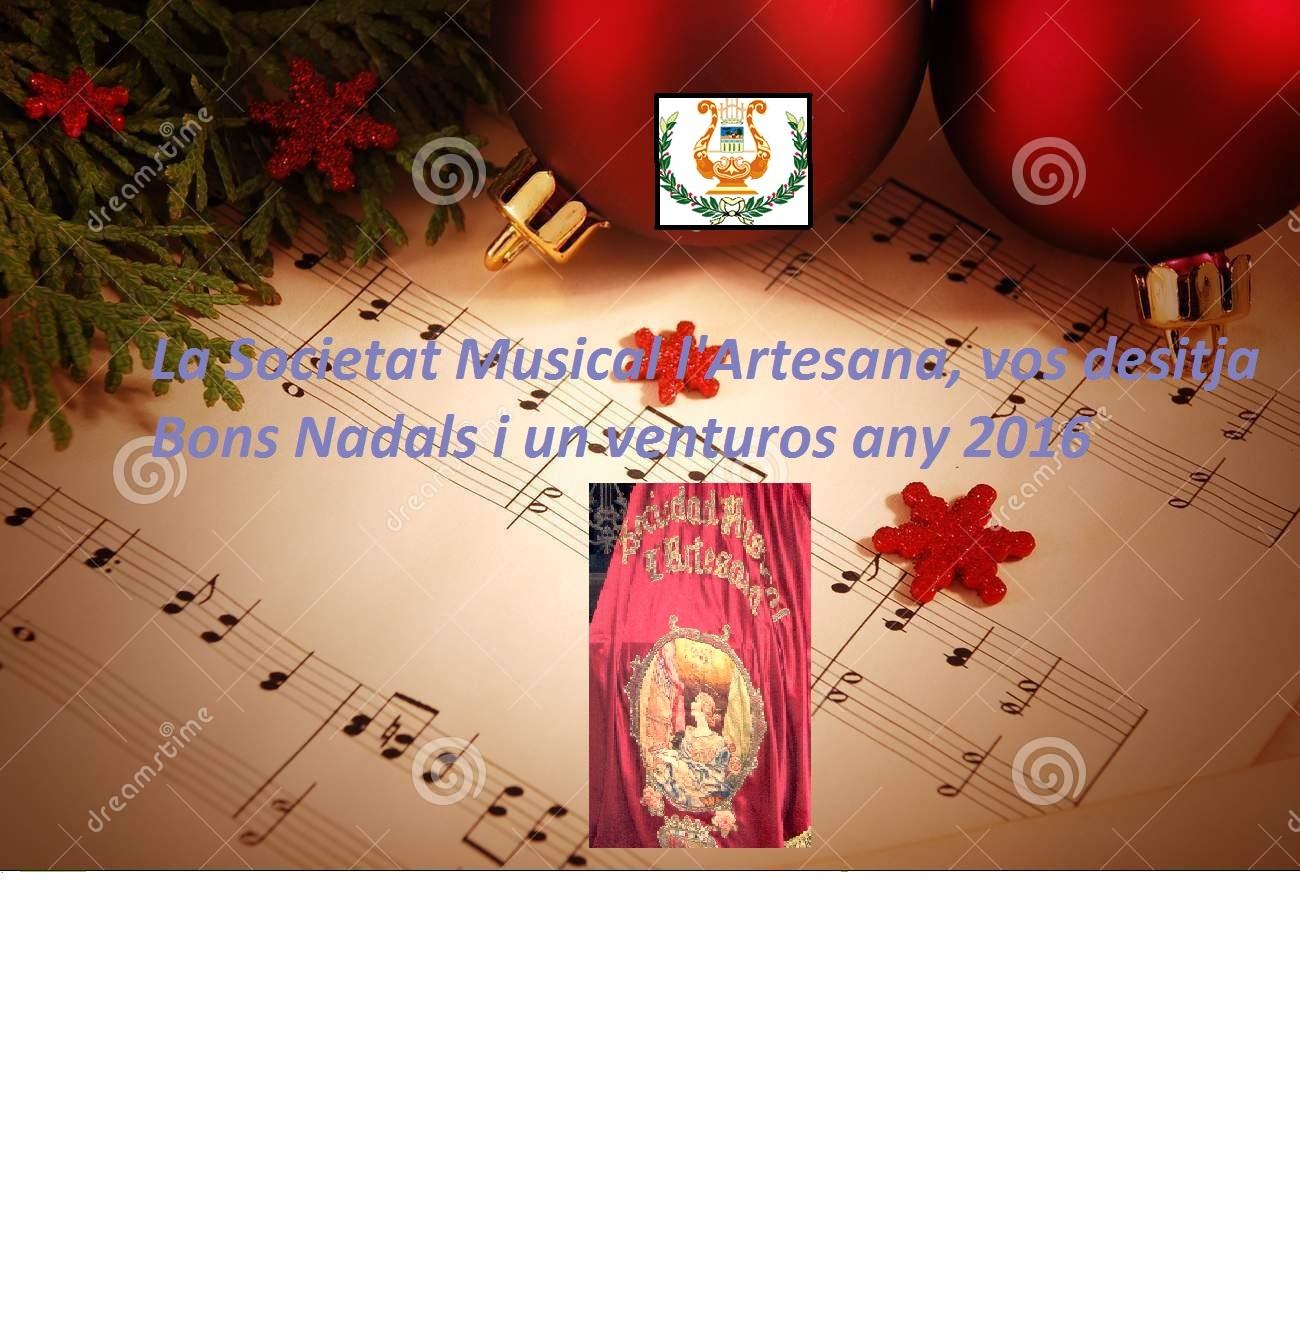 Bon Nadal 20150/2016